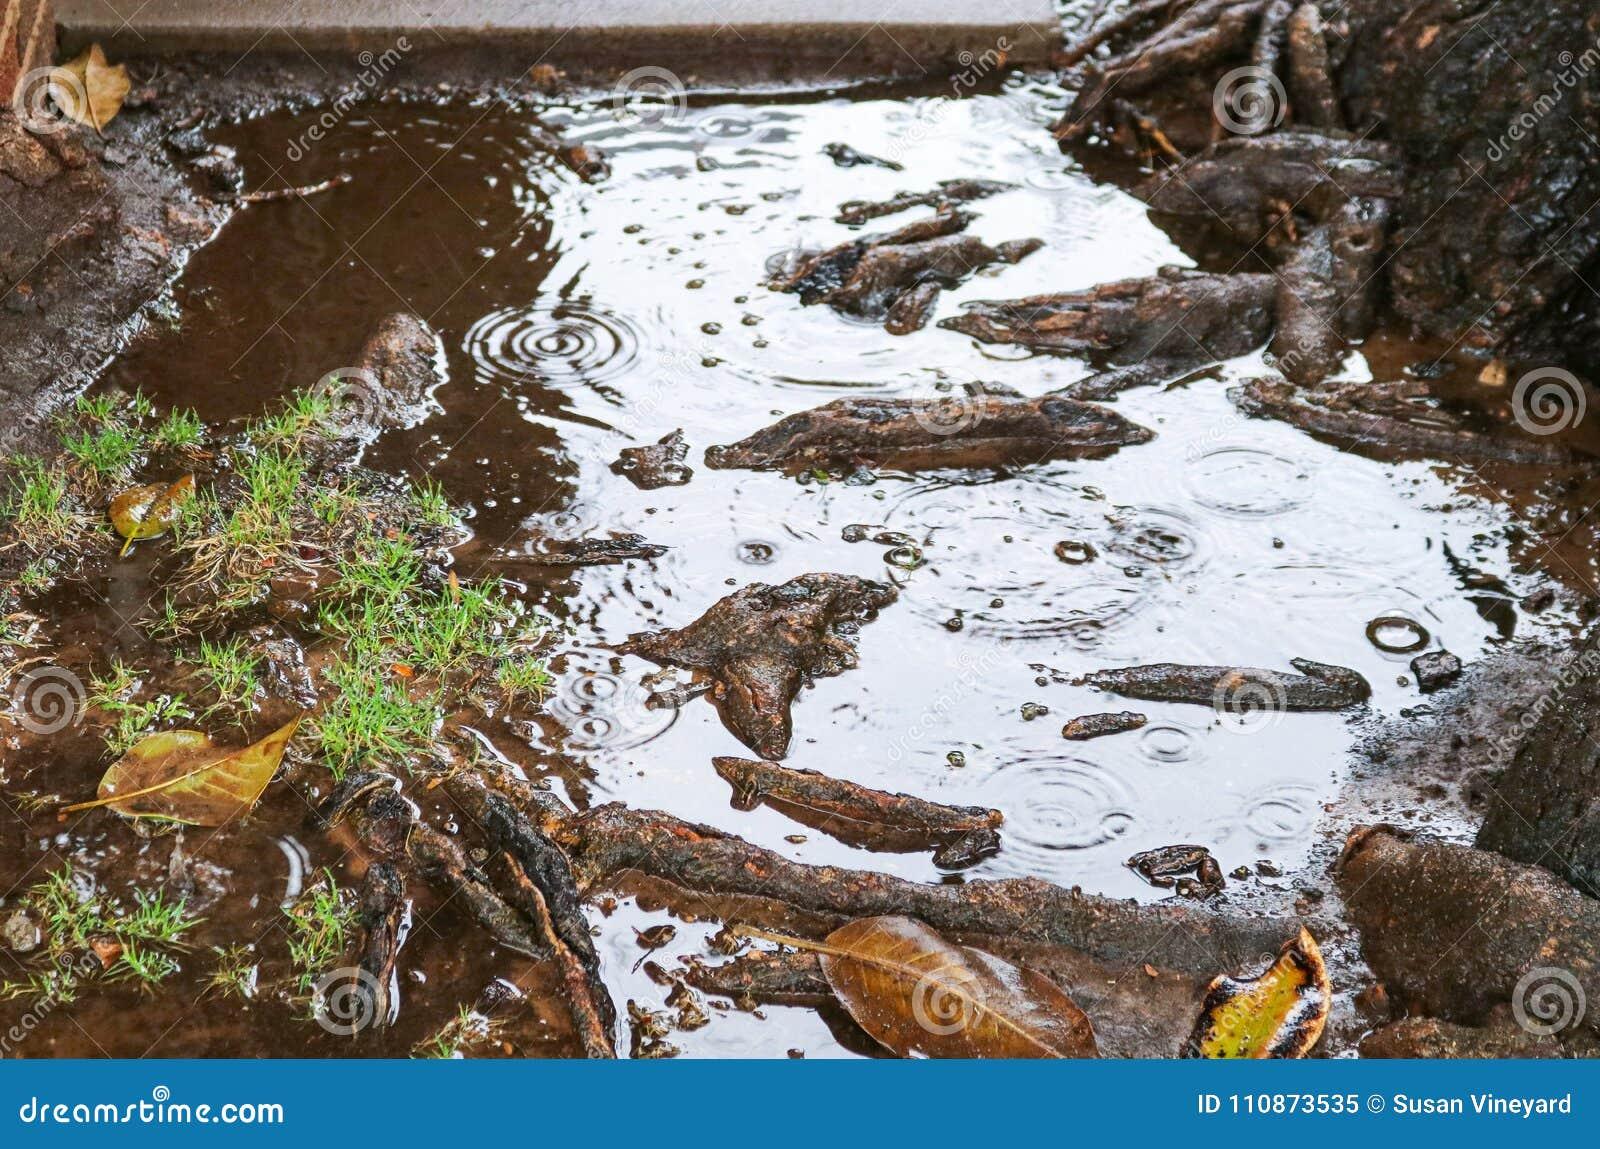 L arbre enracine l eau de piscine pendant la pluie posant probablement des problèmes d inondation, d égout ou de tuyauterie